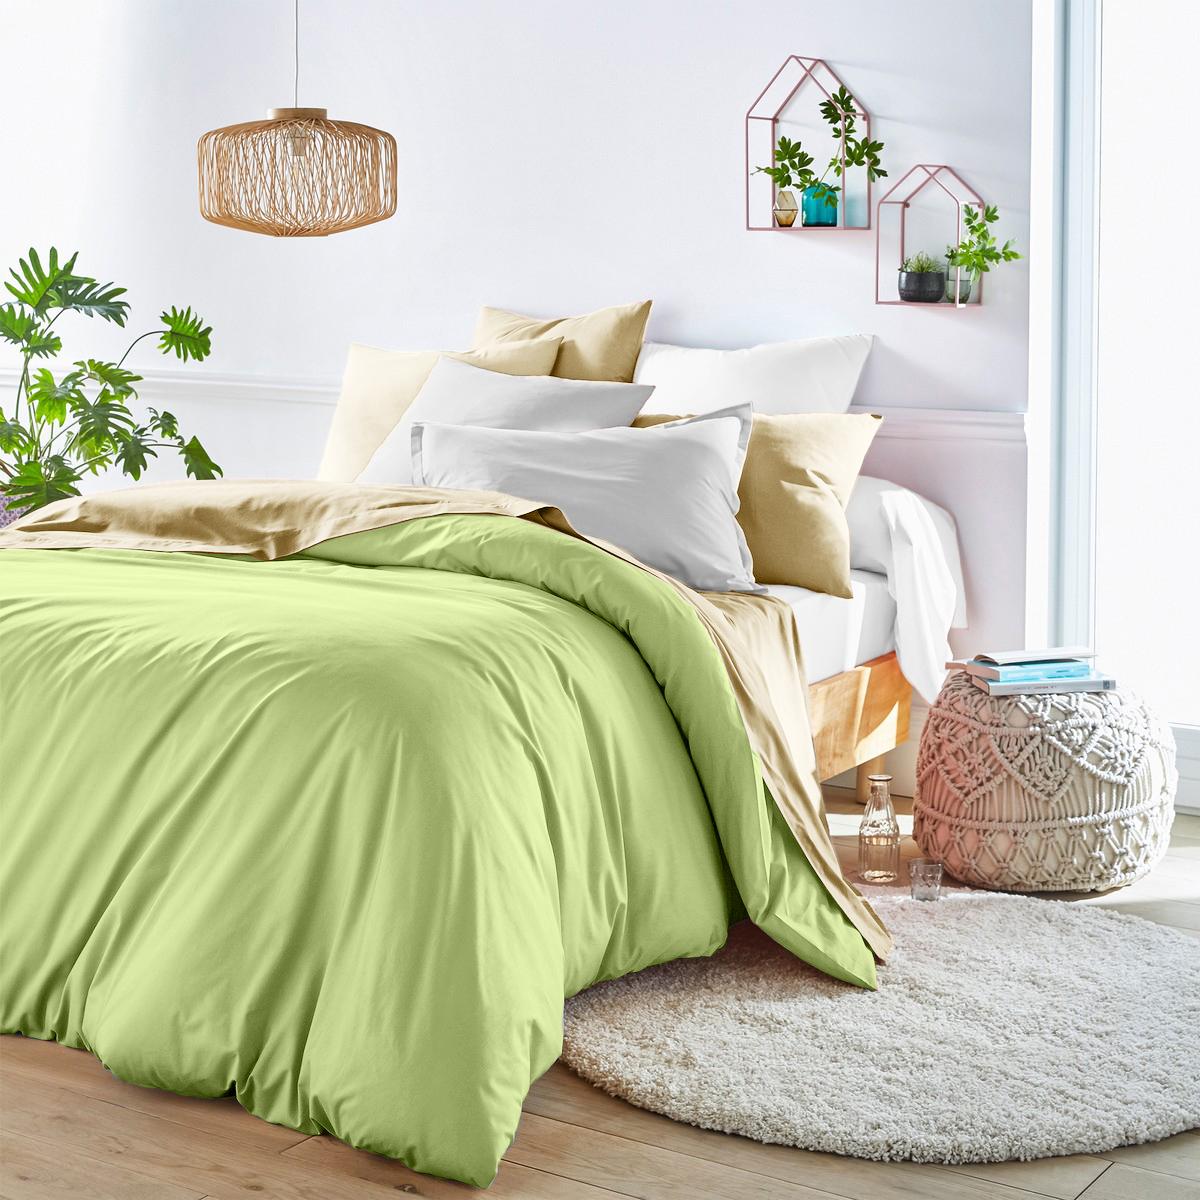 Купить Комплекты постельного белья Dome, Пододеяльник Aerlight Цвет: Салатовый (200х215 см), Дания, Хлопковый сатин